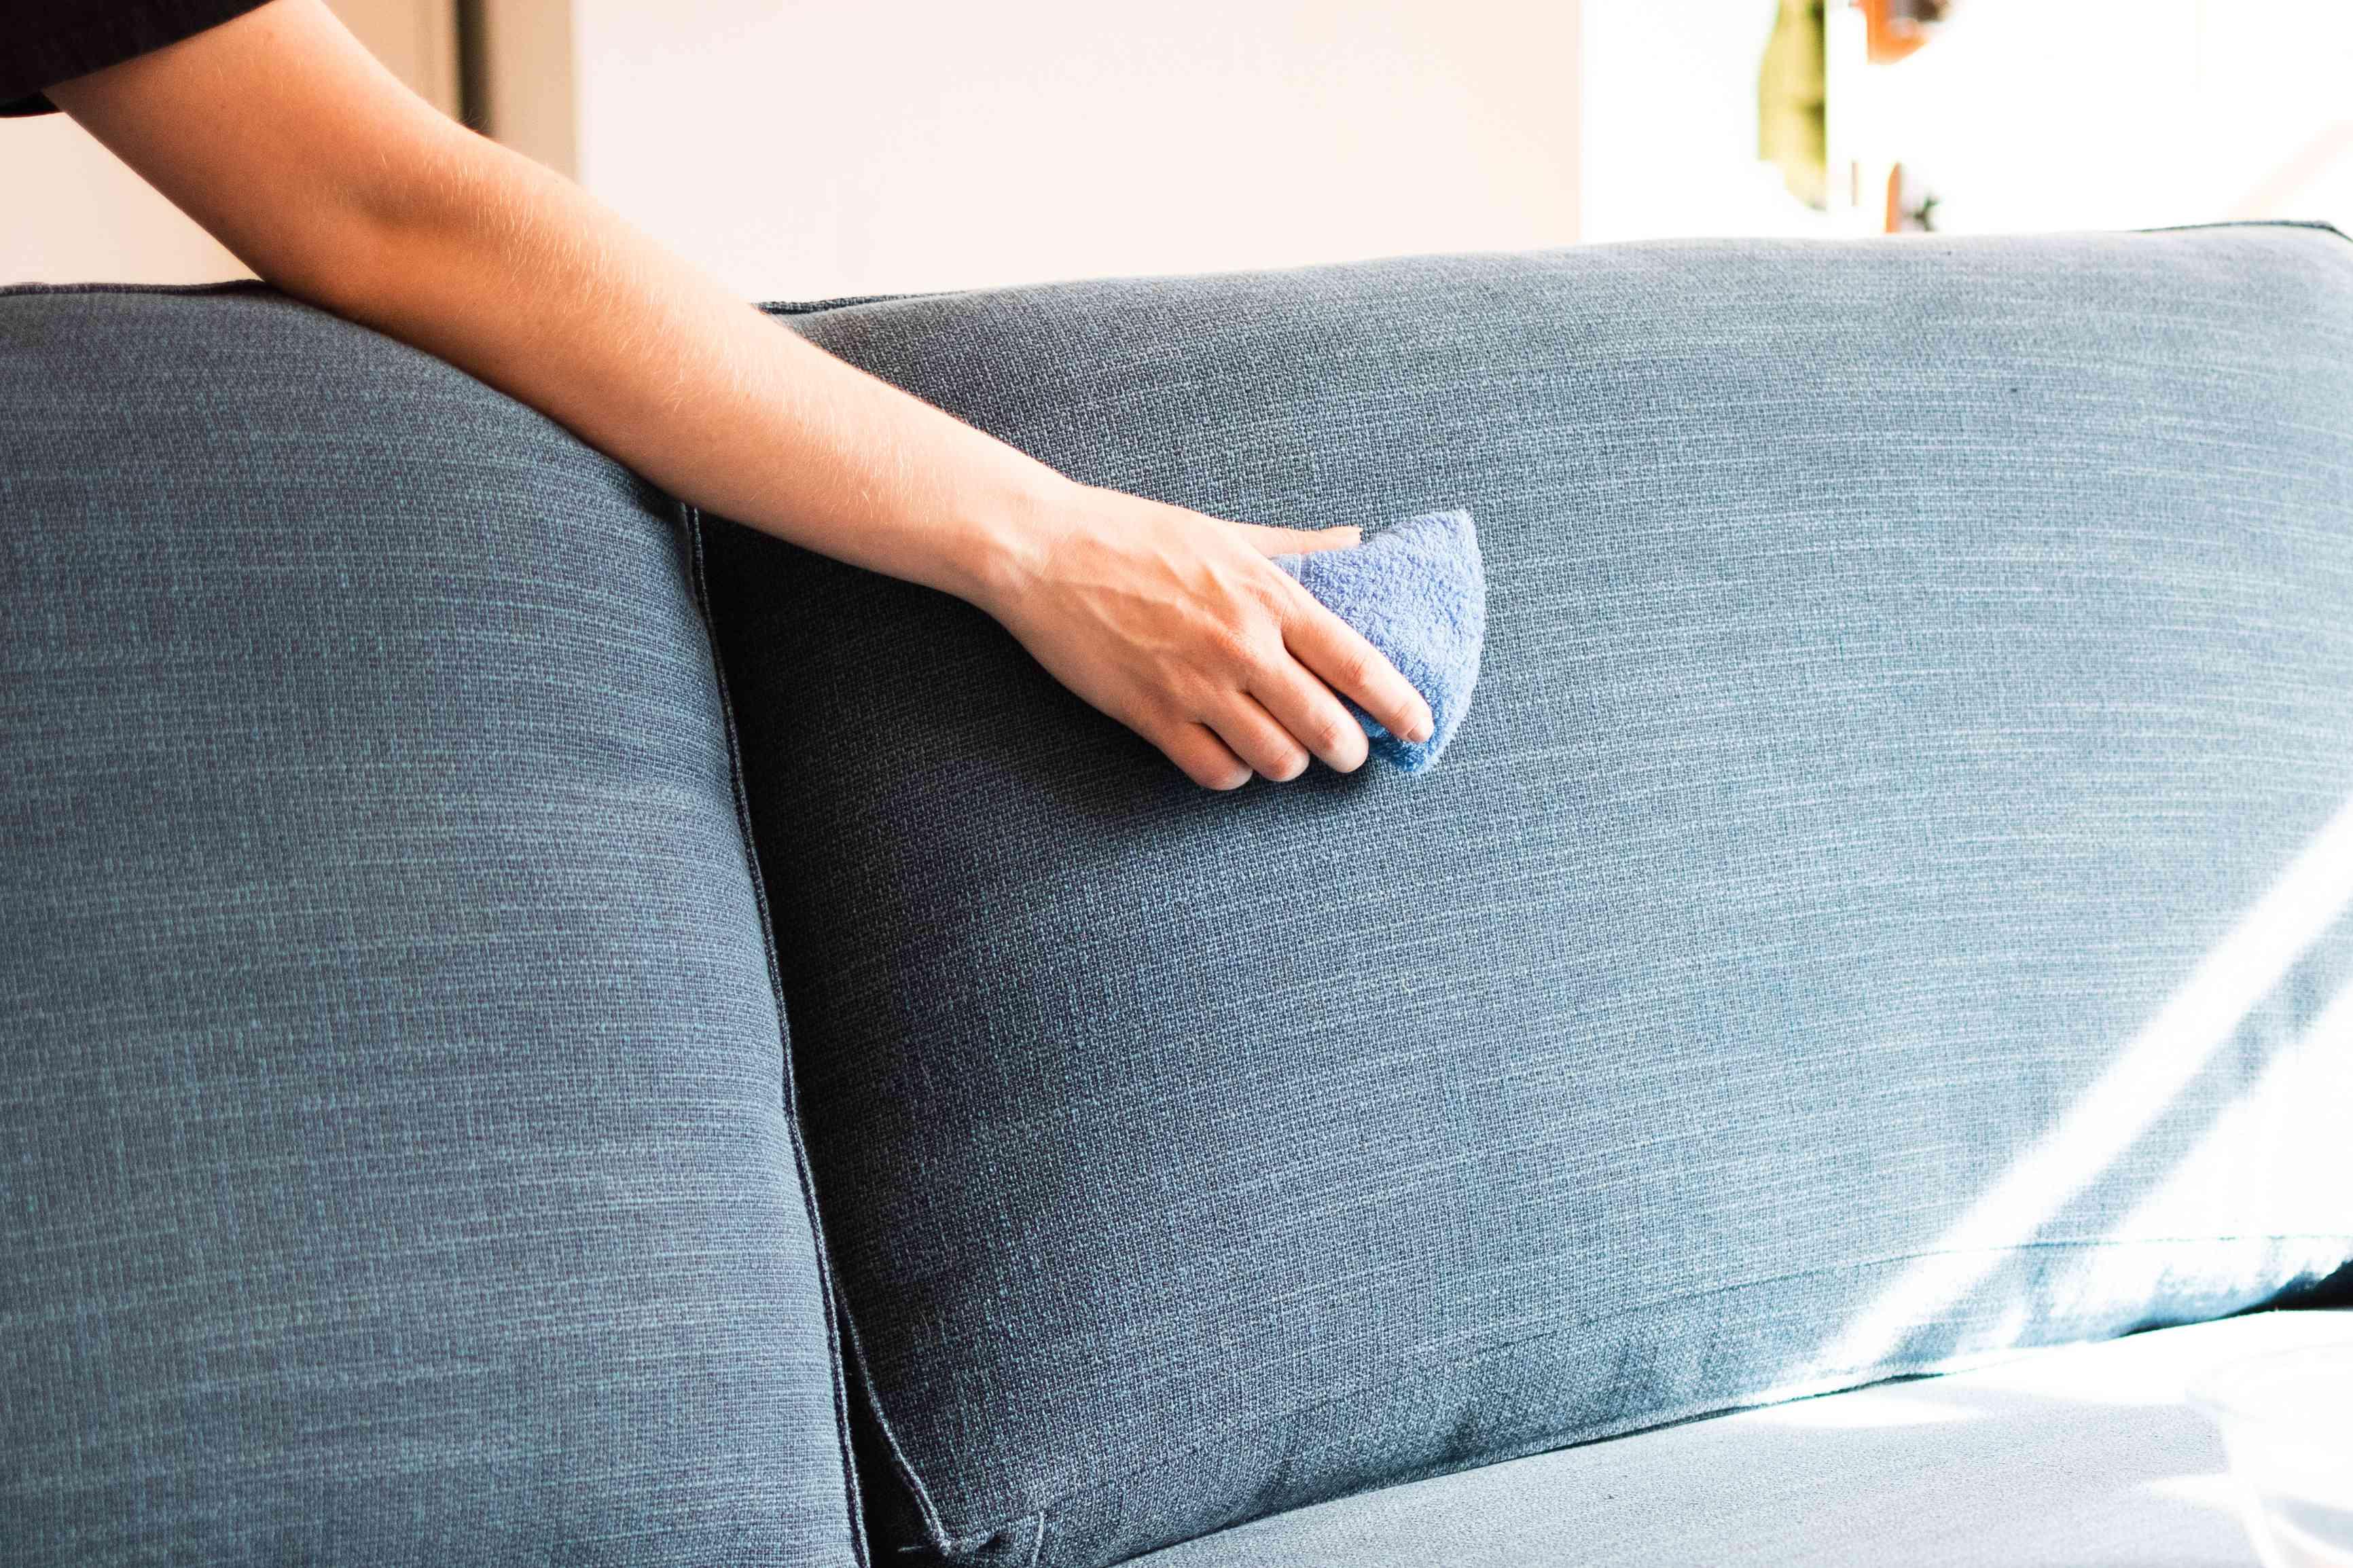 Bọt biển nhúng trong dung dịch làm sạch đi qua đệm sau của ghế dài bọc nệm